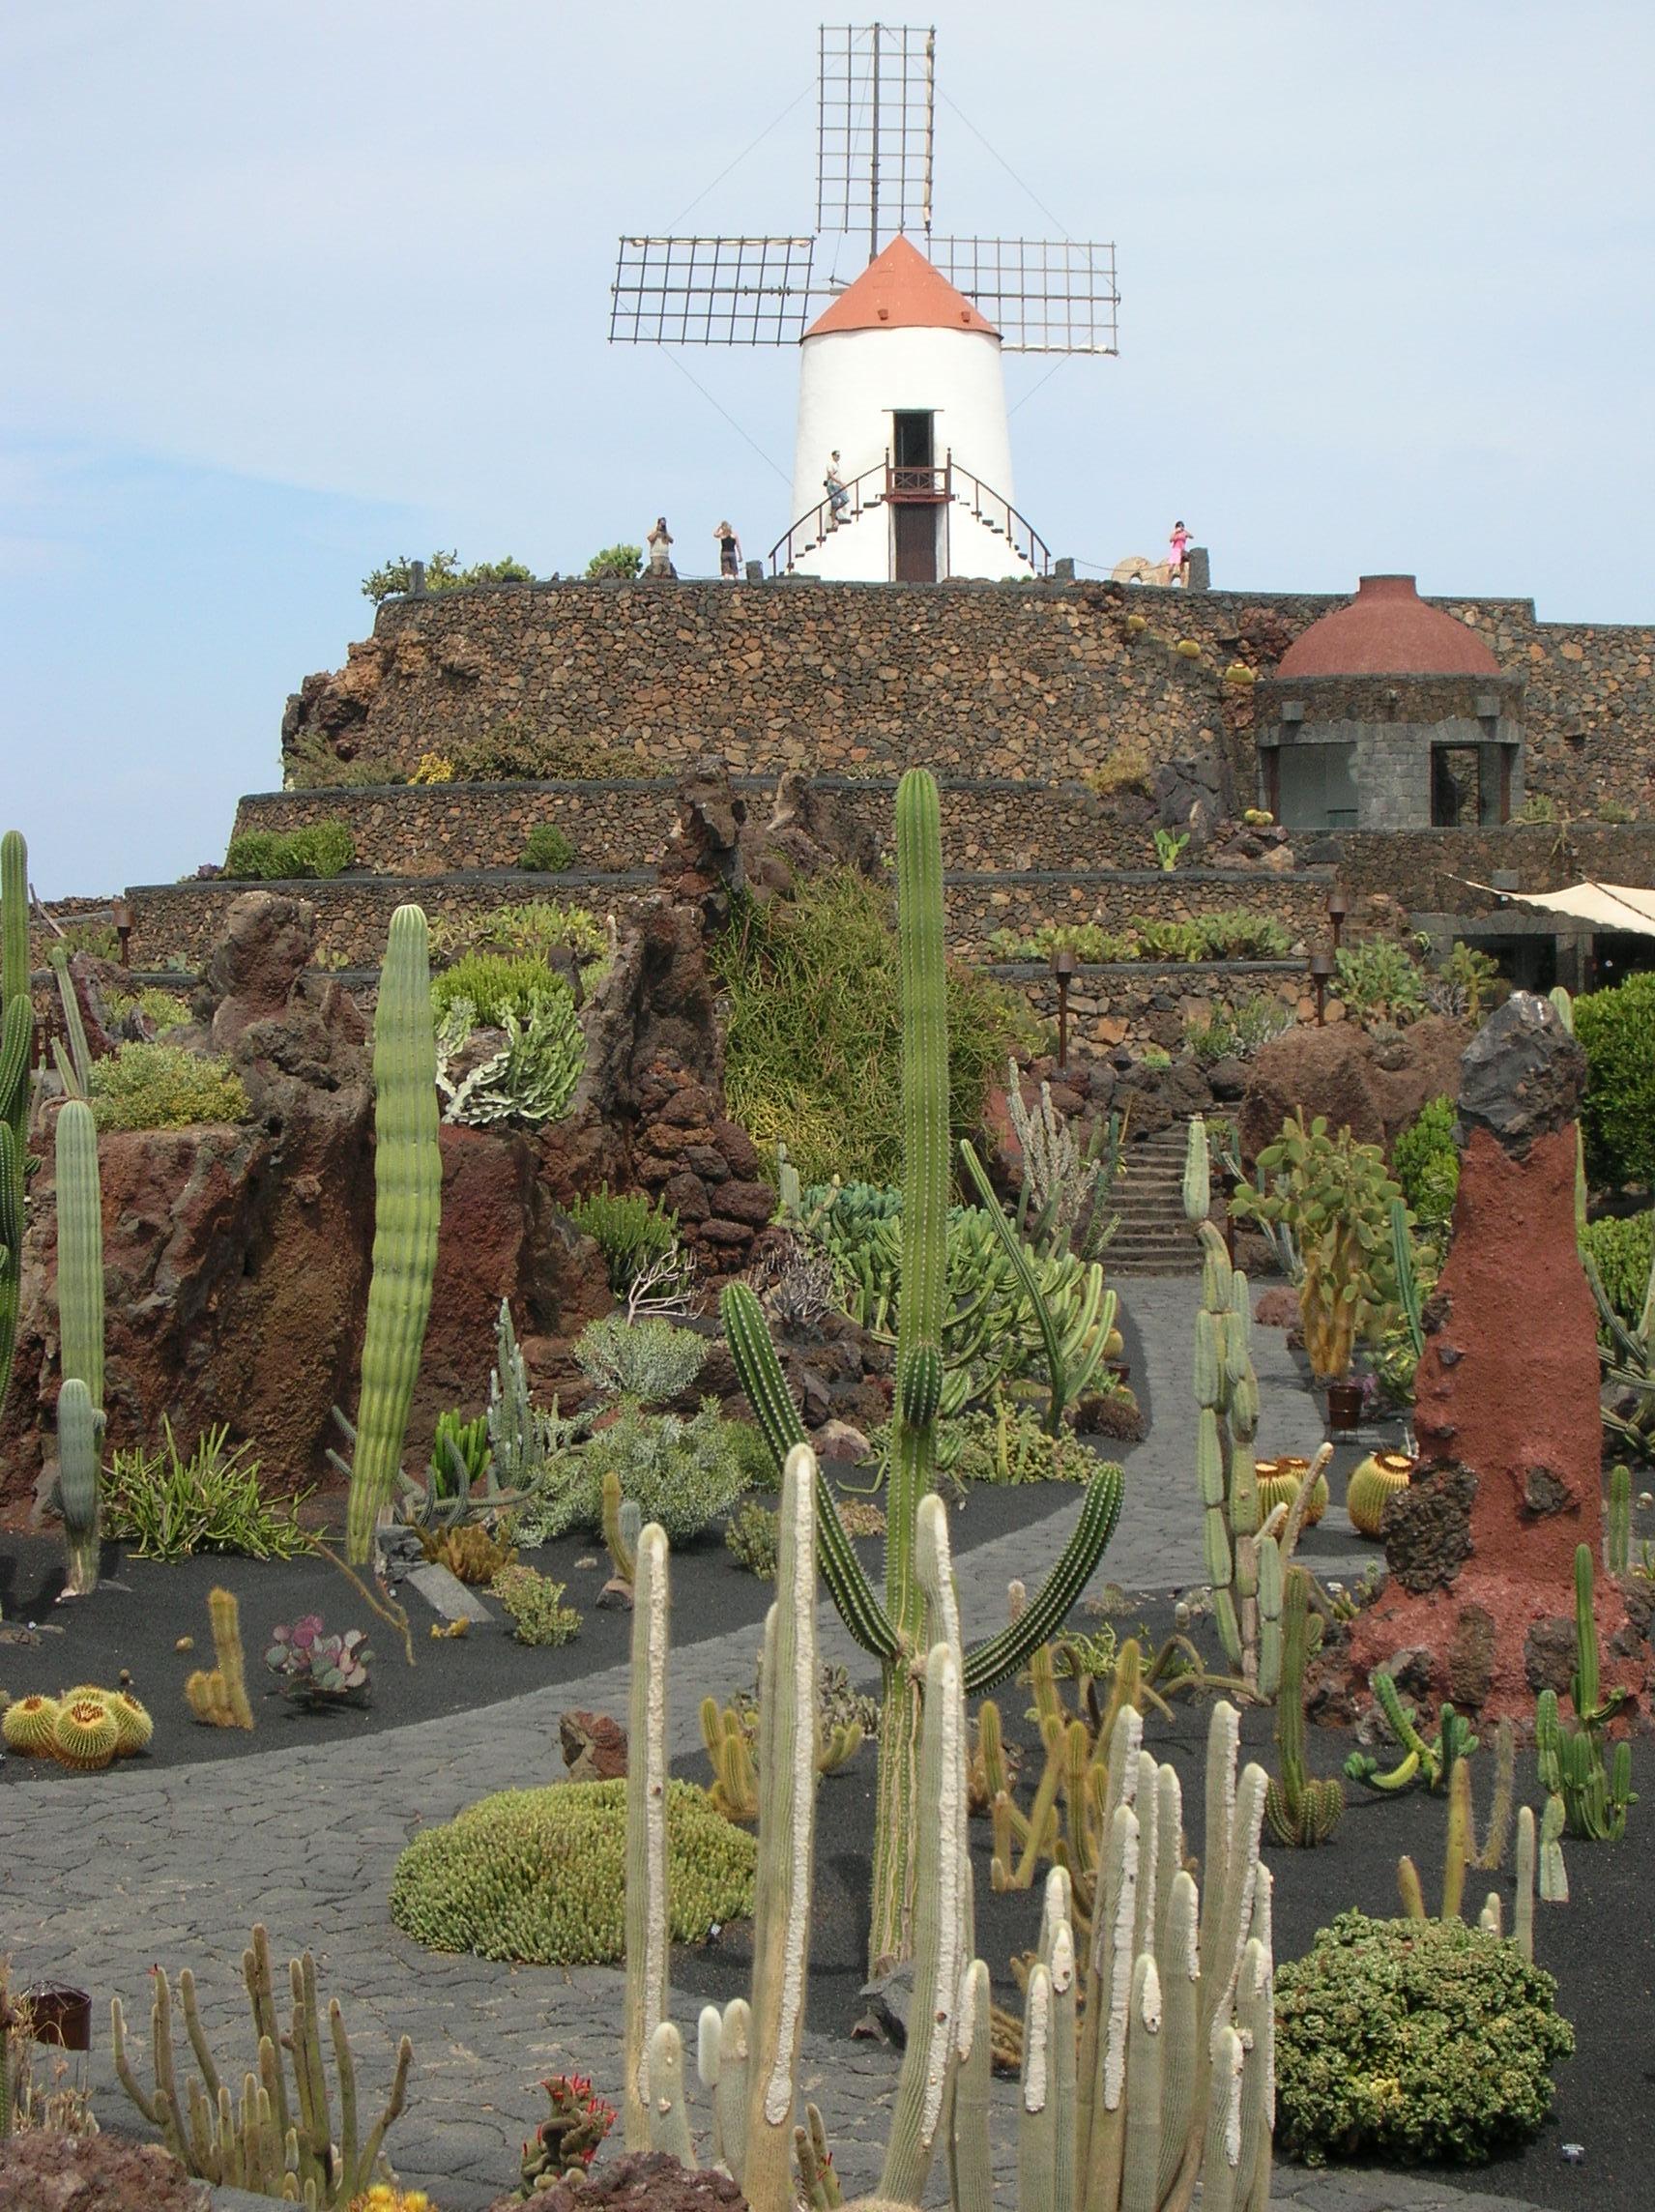 Jardn de Cactus Wikipedia